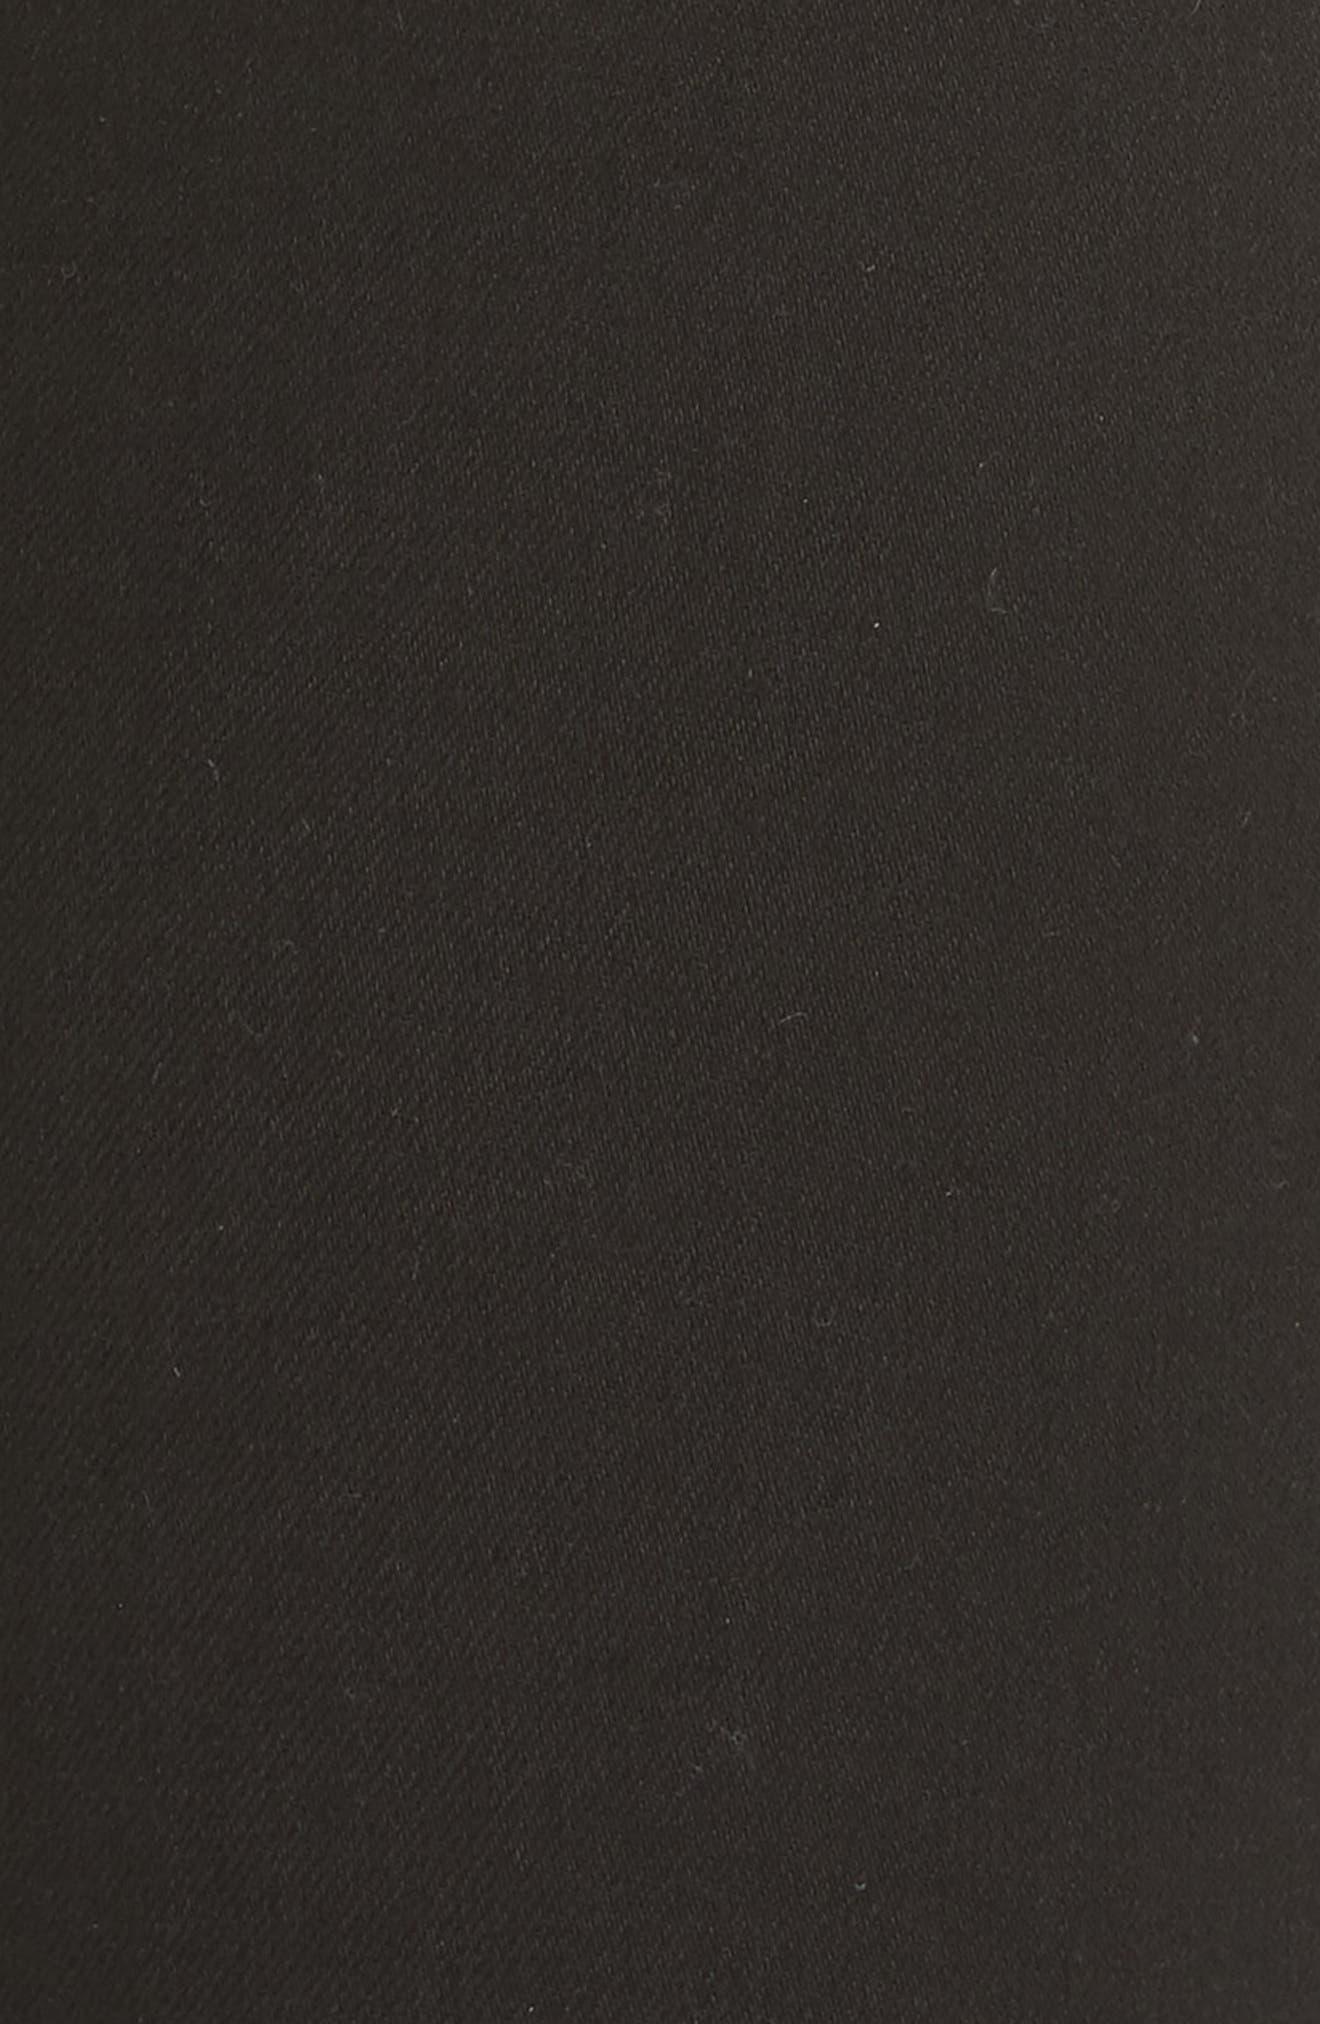 High Waist Leggings,                             Alternate thumbnail 6, color,                             BLACK